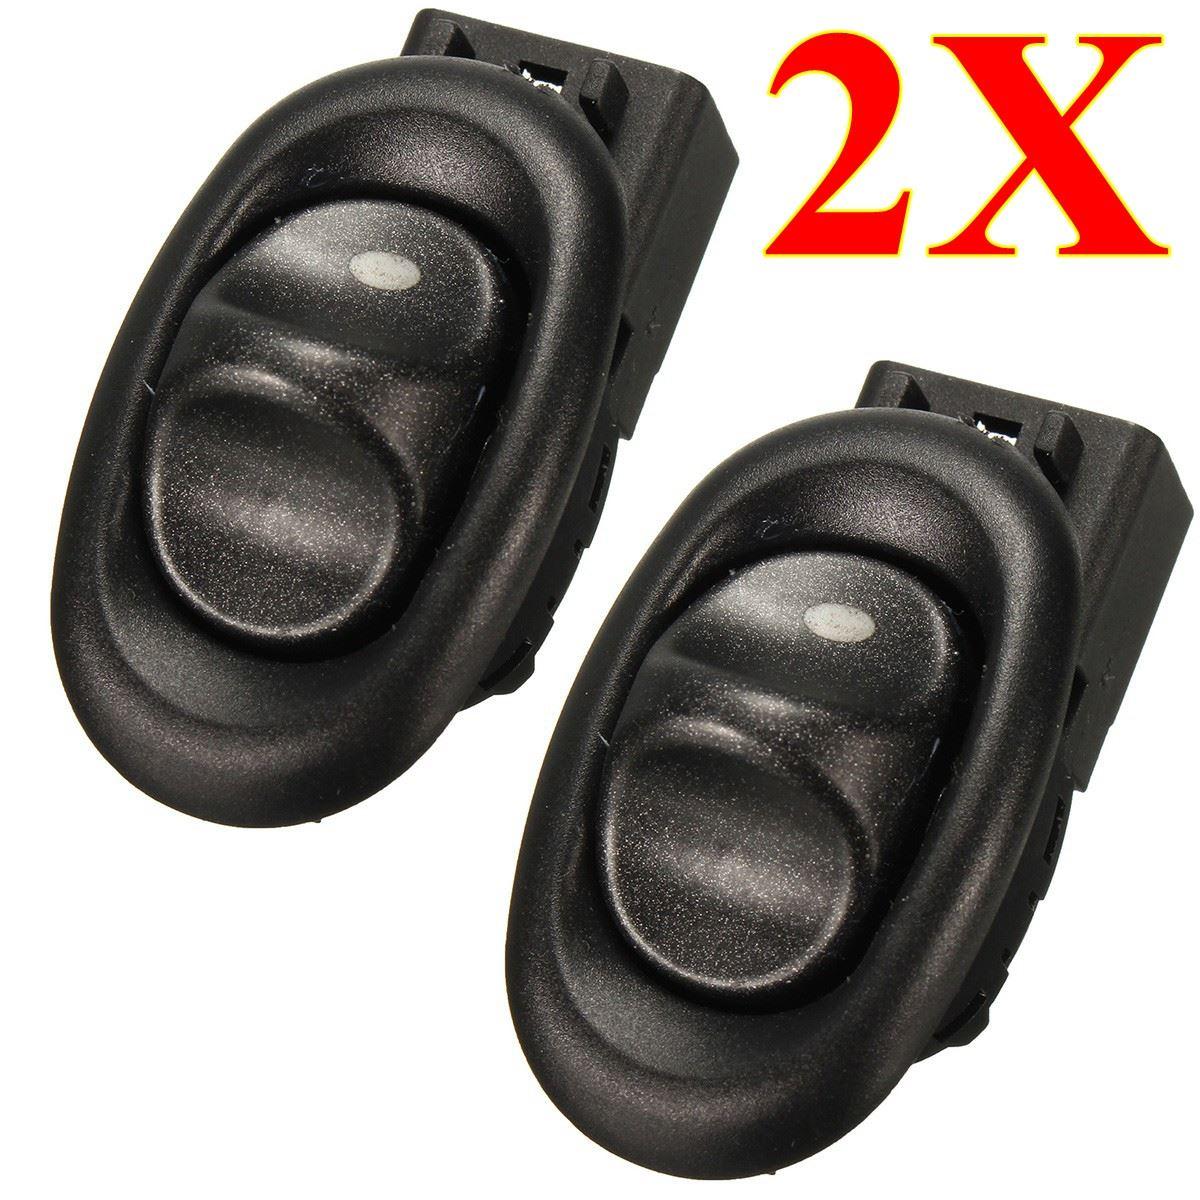 2 шт./лот сзади Электрический Мощность кнопка включения окно для Holden Commodore VT VX VY VZ 1997 1998 1999 2000 2001 2002